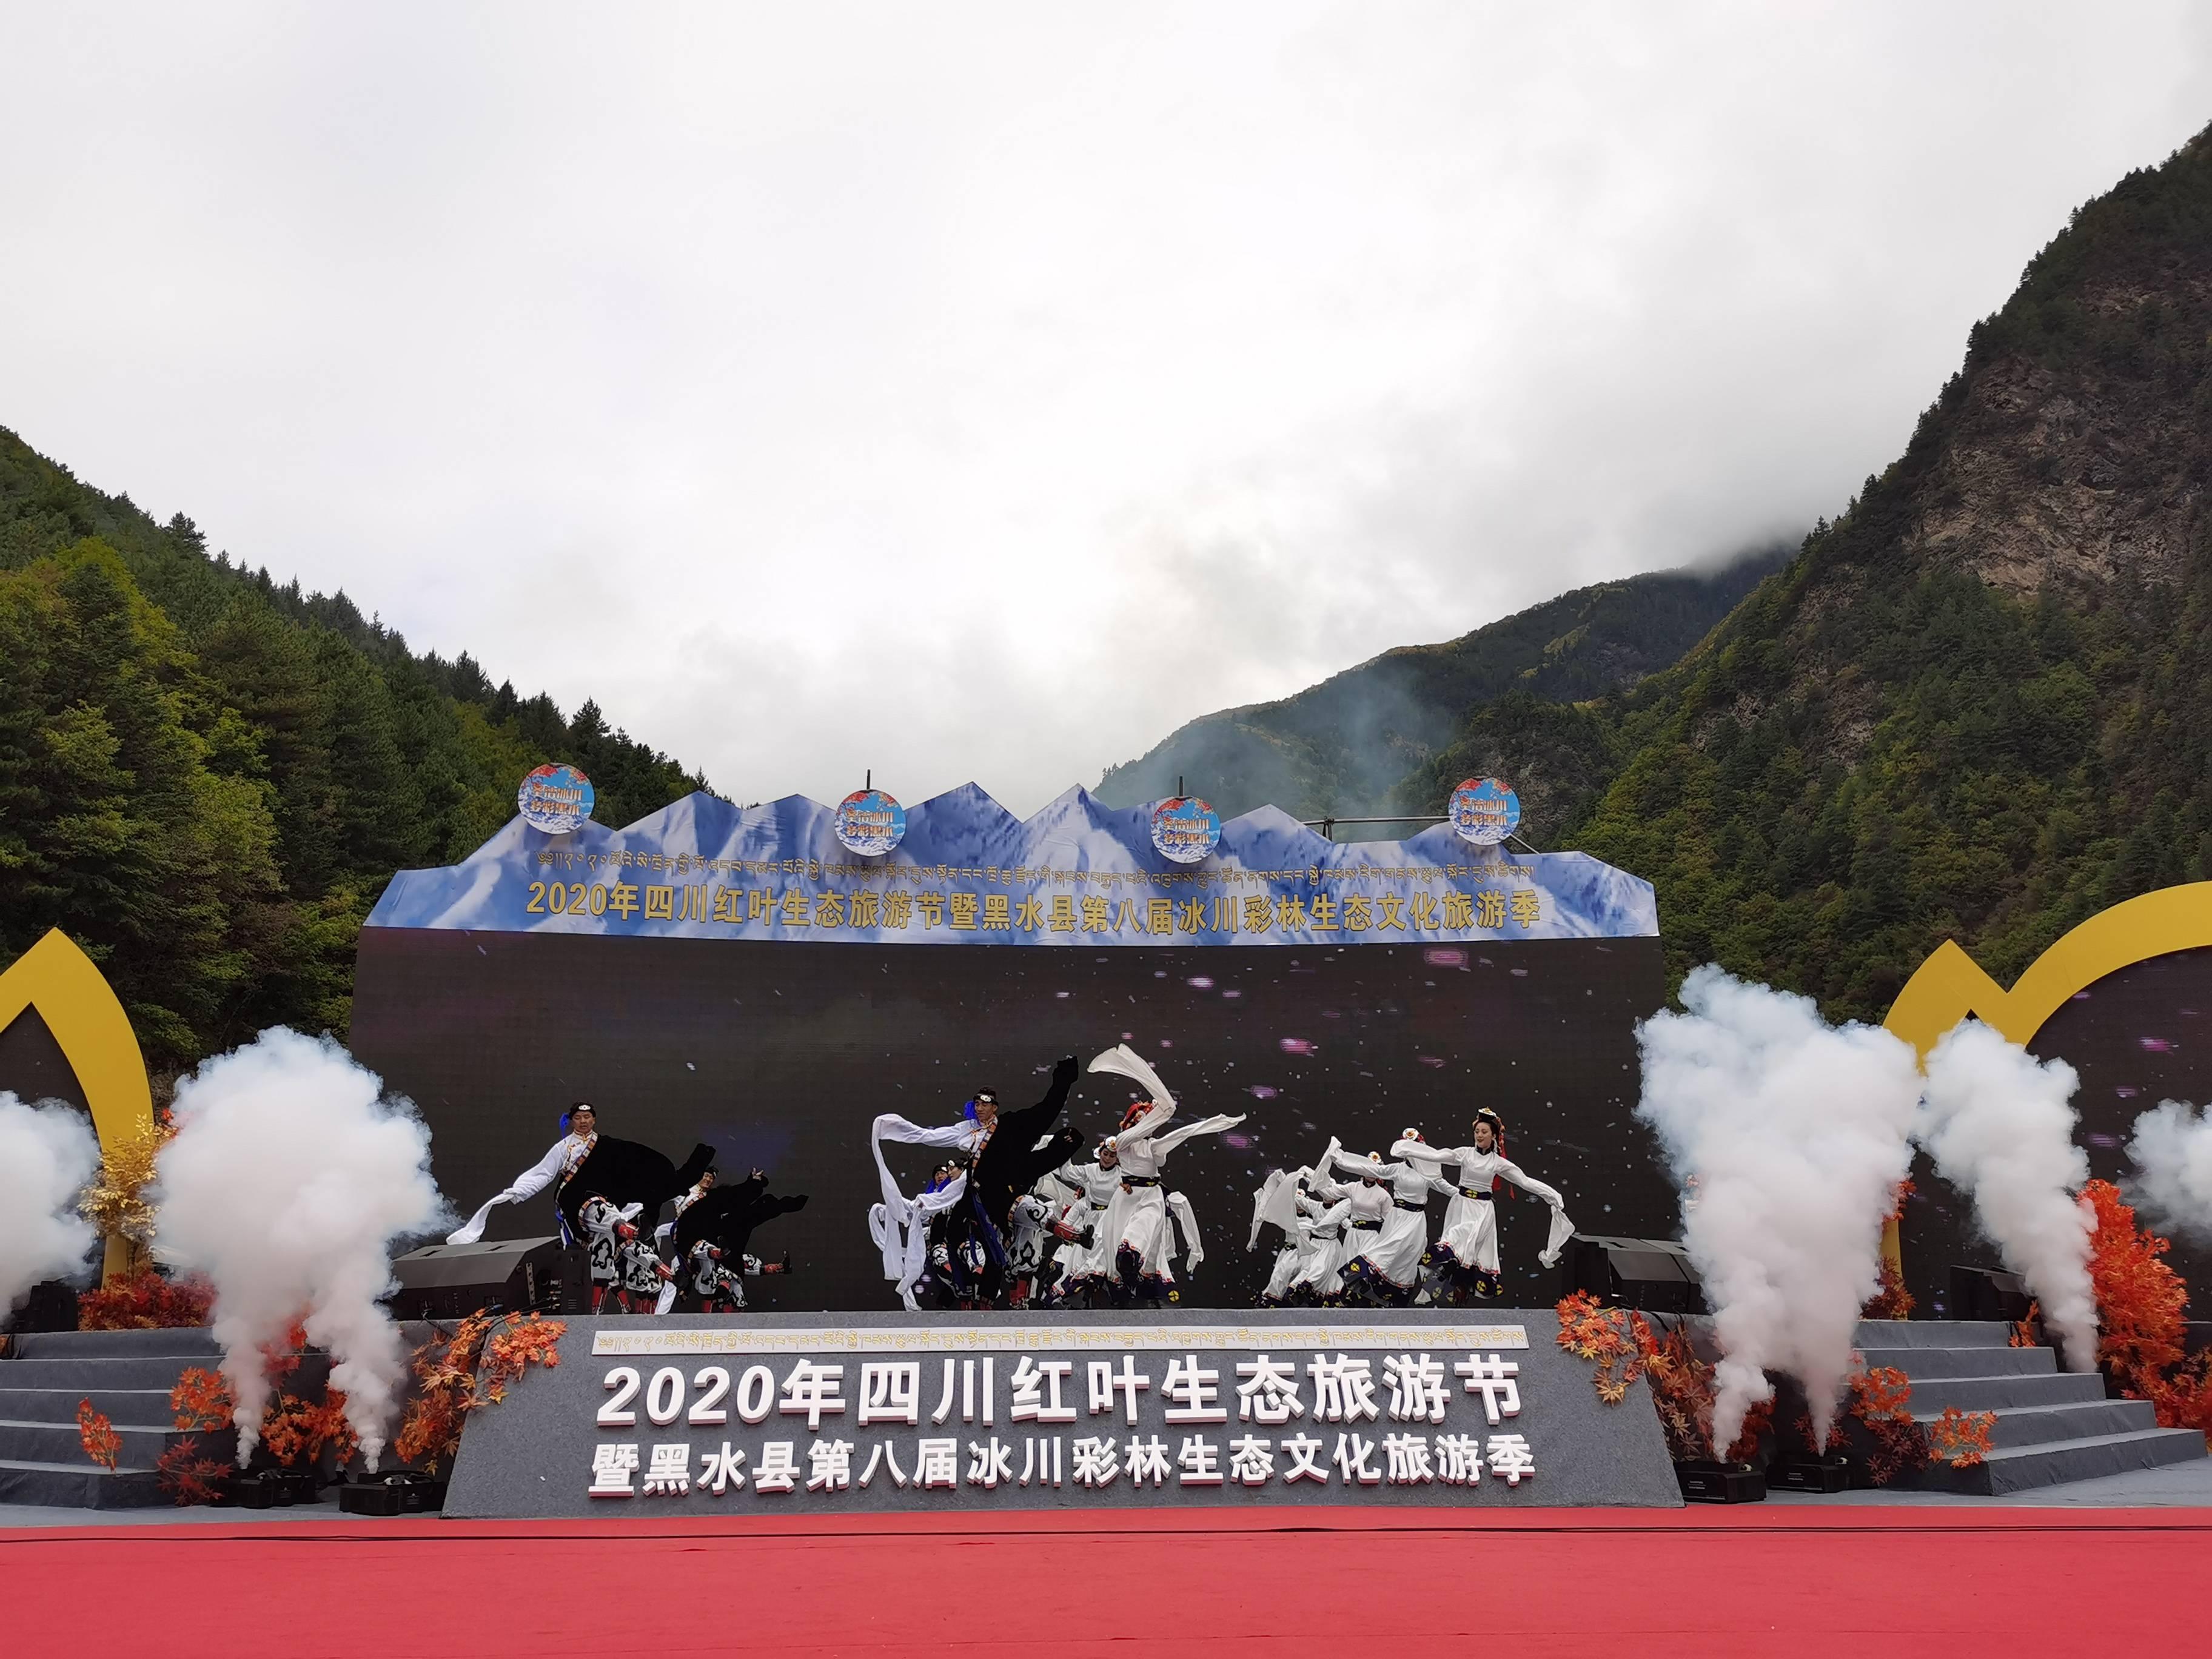 2020年四川红叶生态旅游节暨黑水县第八届冰川彩林生态文化旅游季在黑水开幕